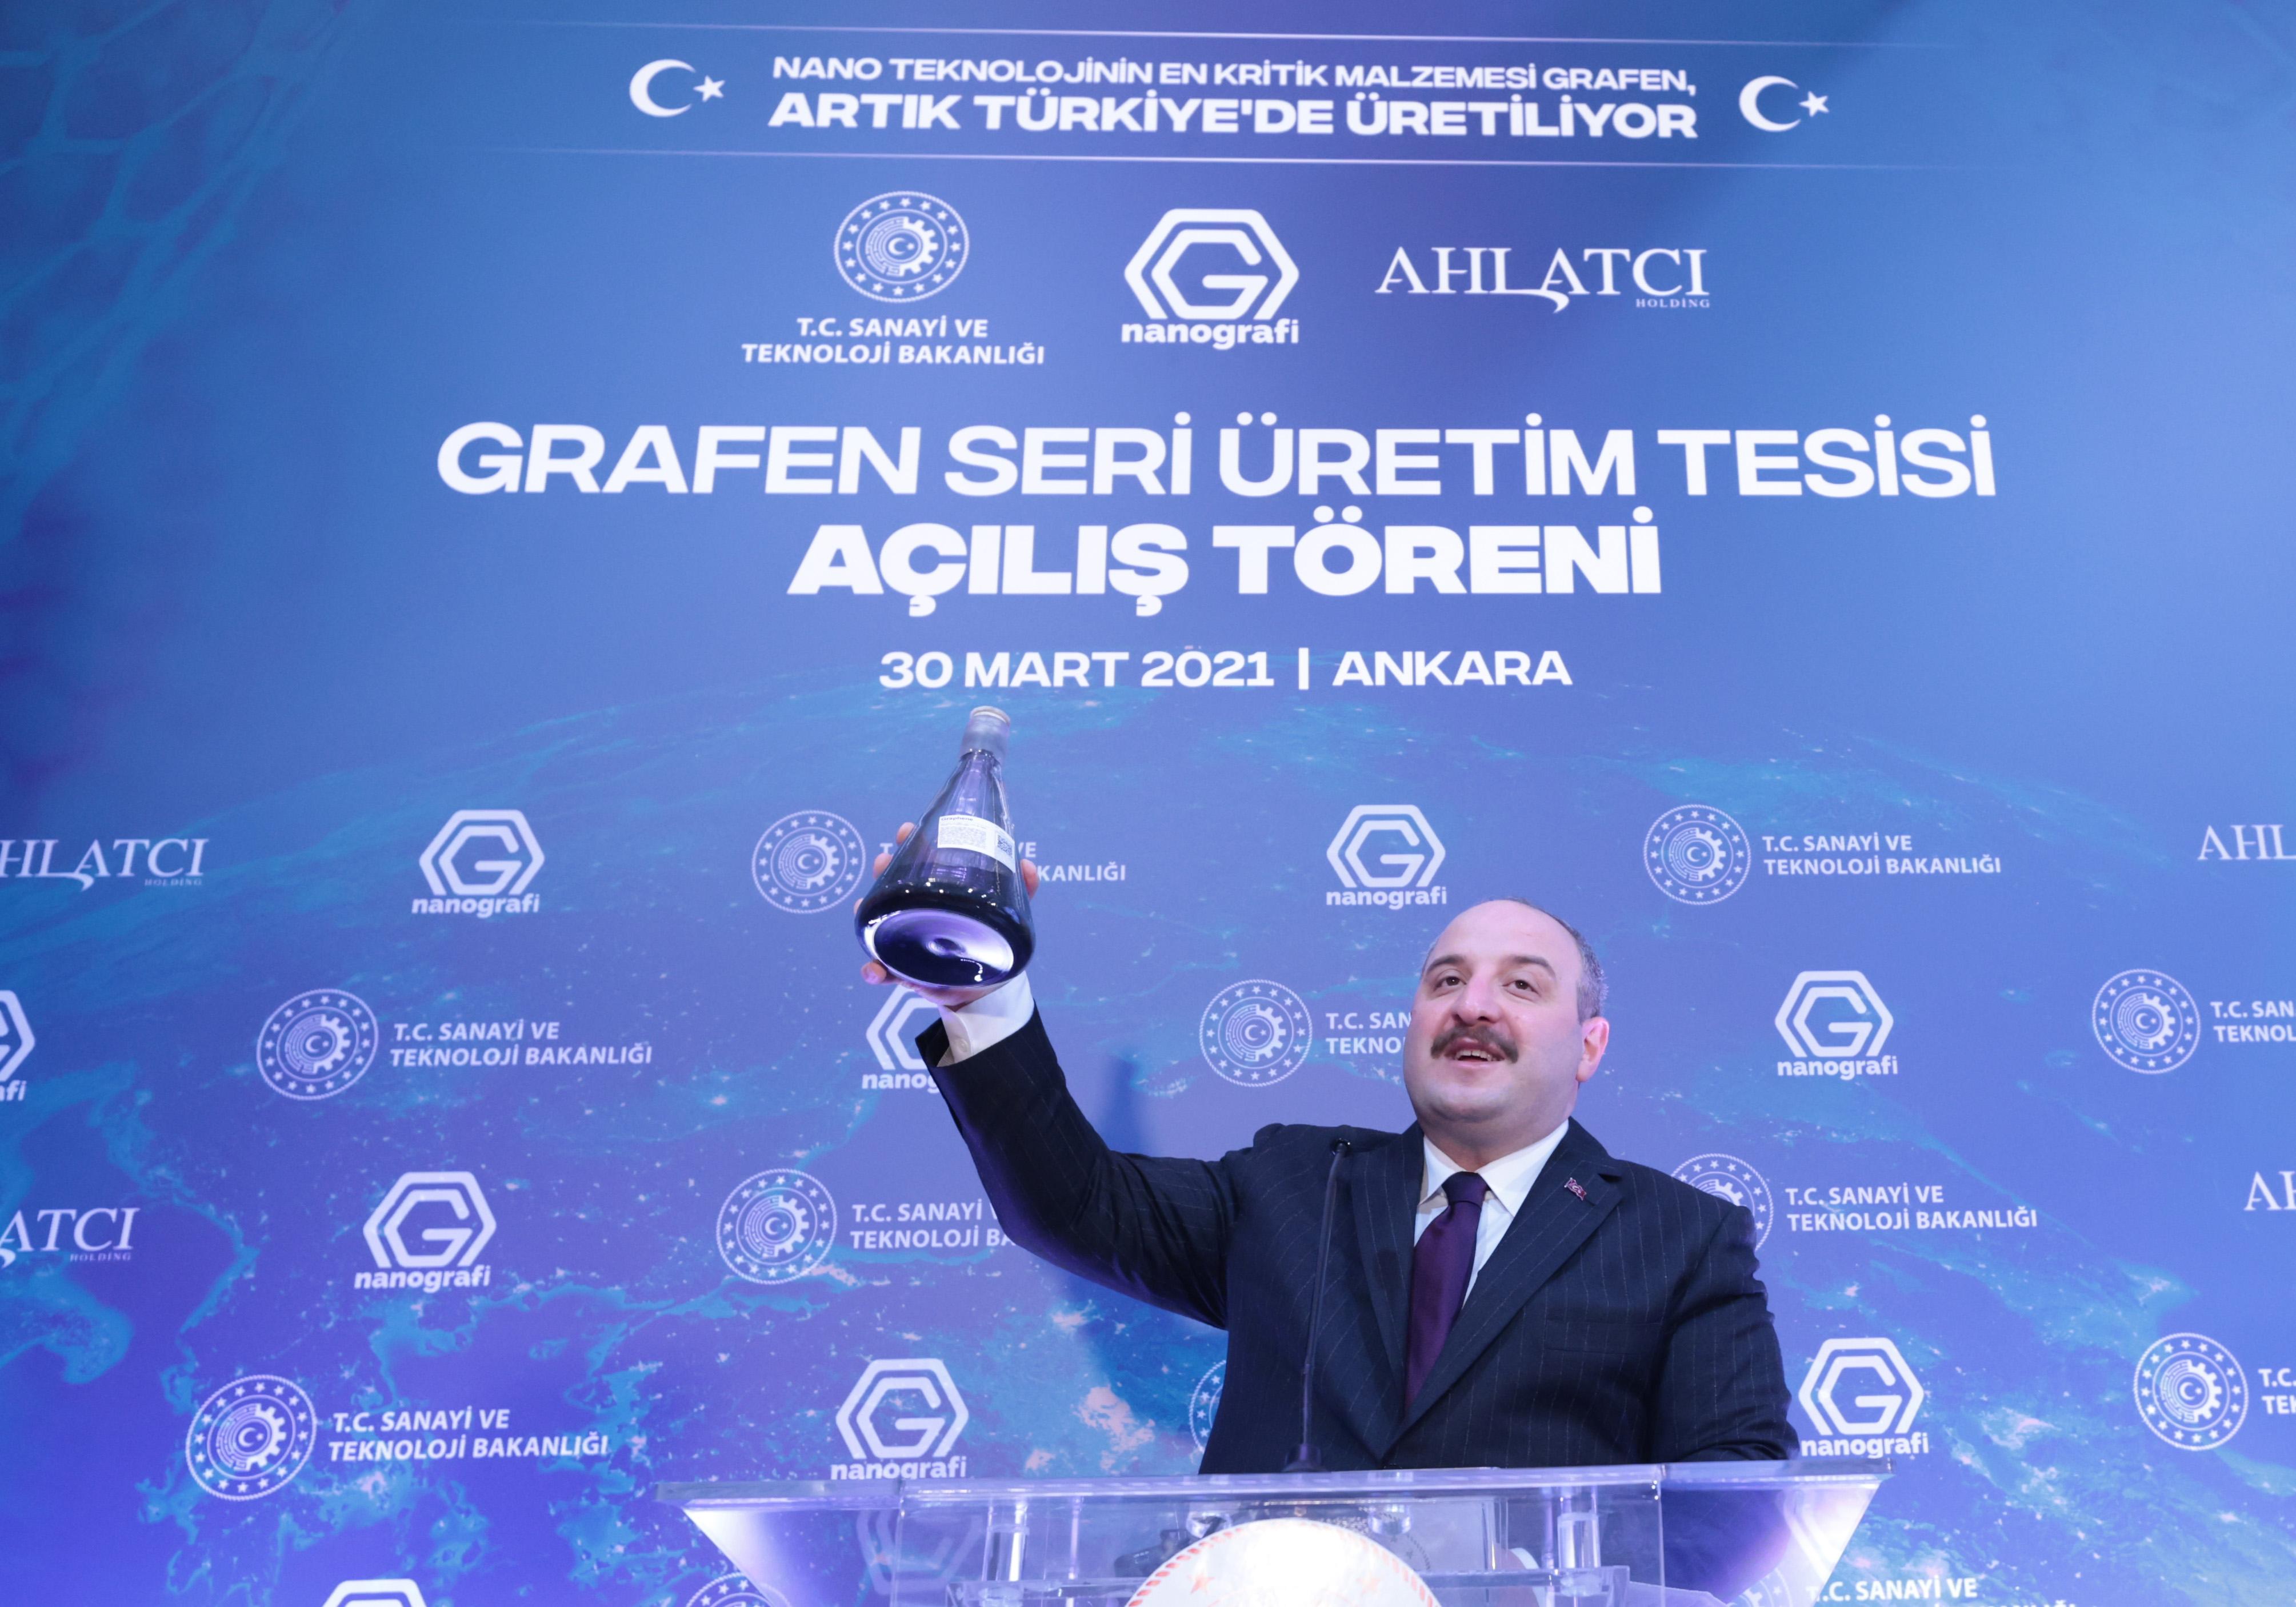 Türkiye Grafeni seri üretebilen 10 ülkeden biri konumuna geliyor